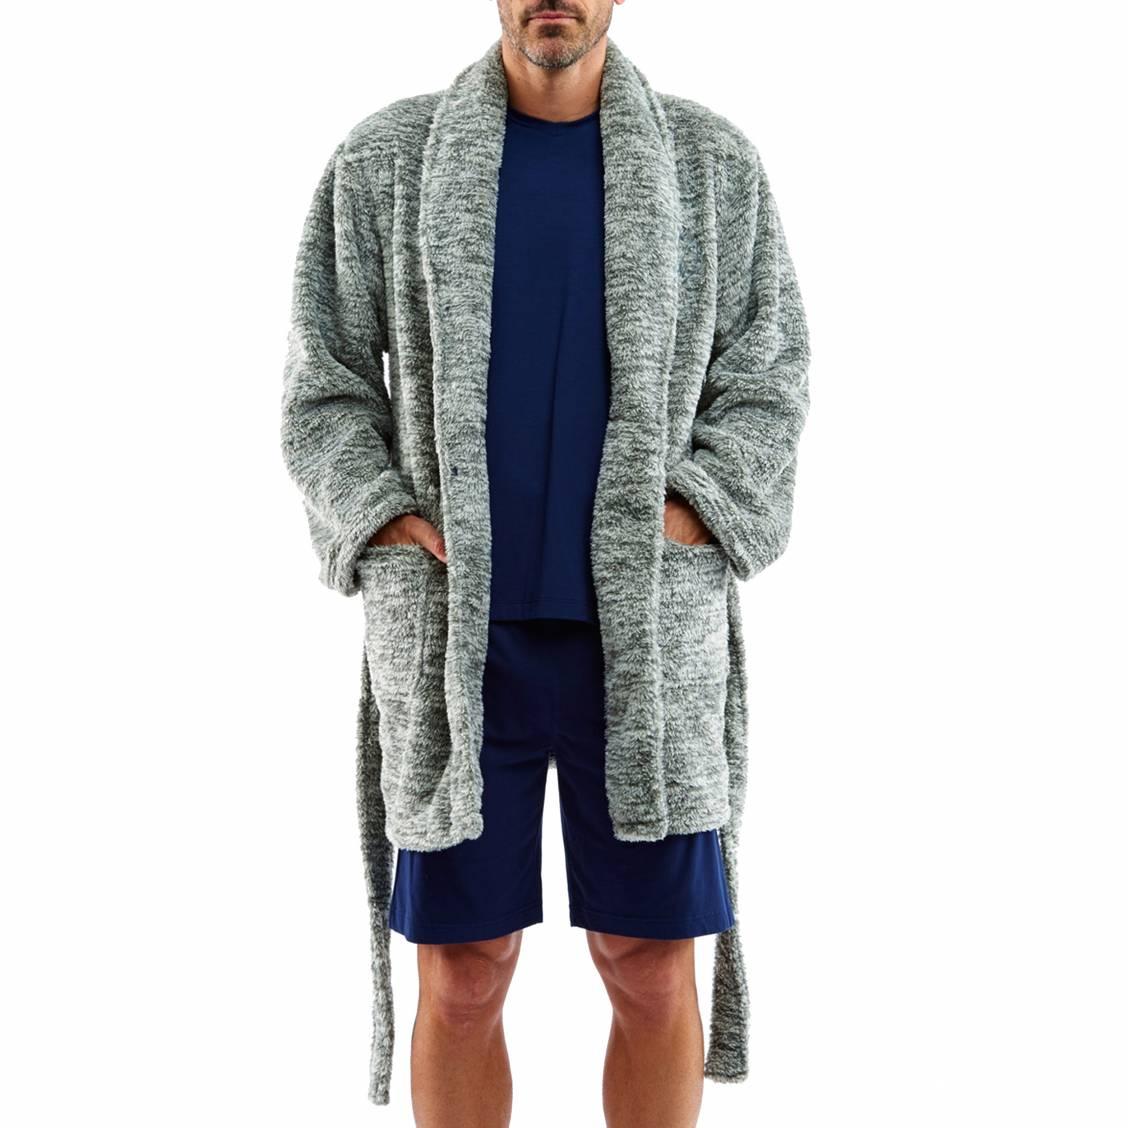 veste d 39 int rieur arthur en polaire grise rue des hommes. Black Bedroom Furniture Sets. Home Design Ideas